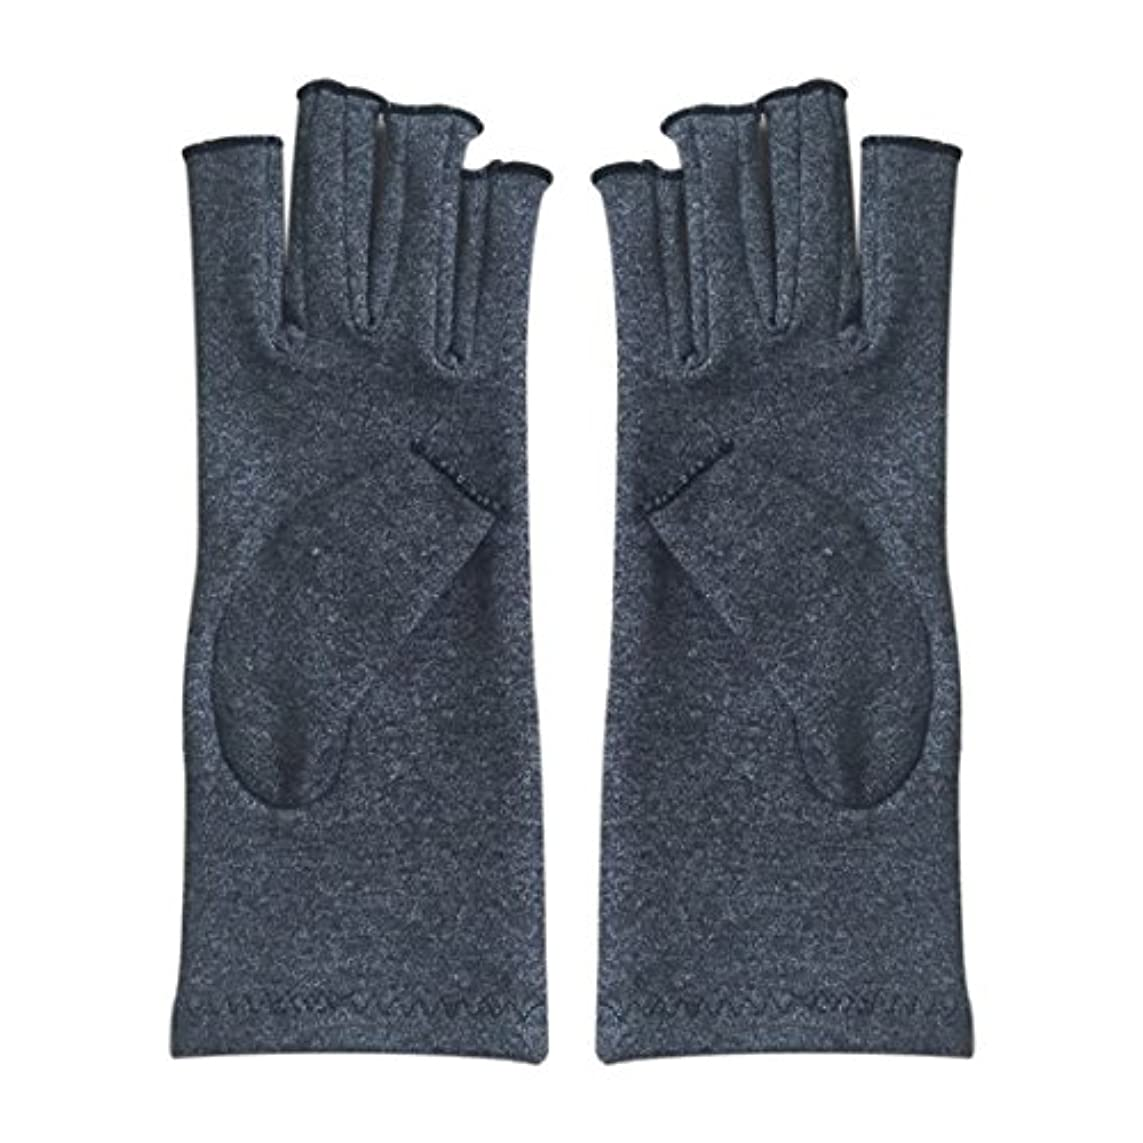 テロリスト消毒する塊SODIAL 1ペア成人男性女性用弾性コットンコンプレッション手袋手関節炎関節痛鎮痛軽減S -灰色、S